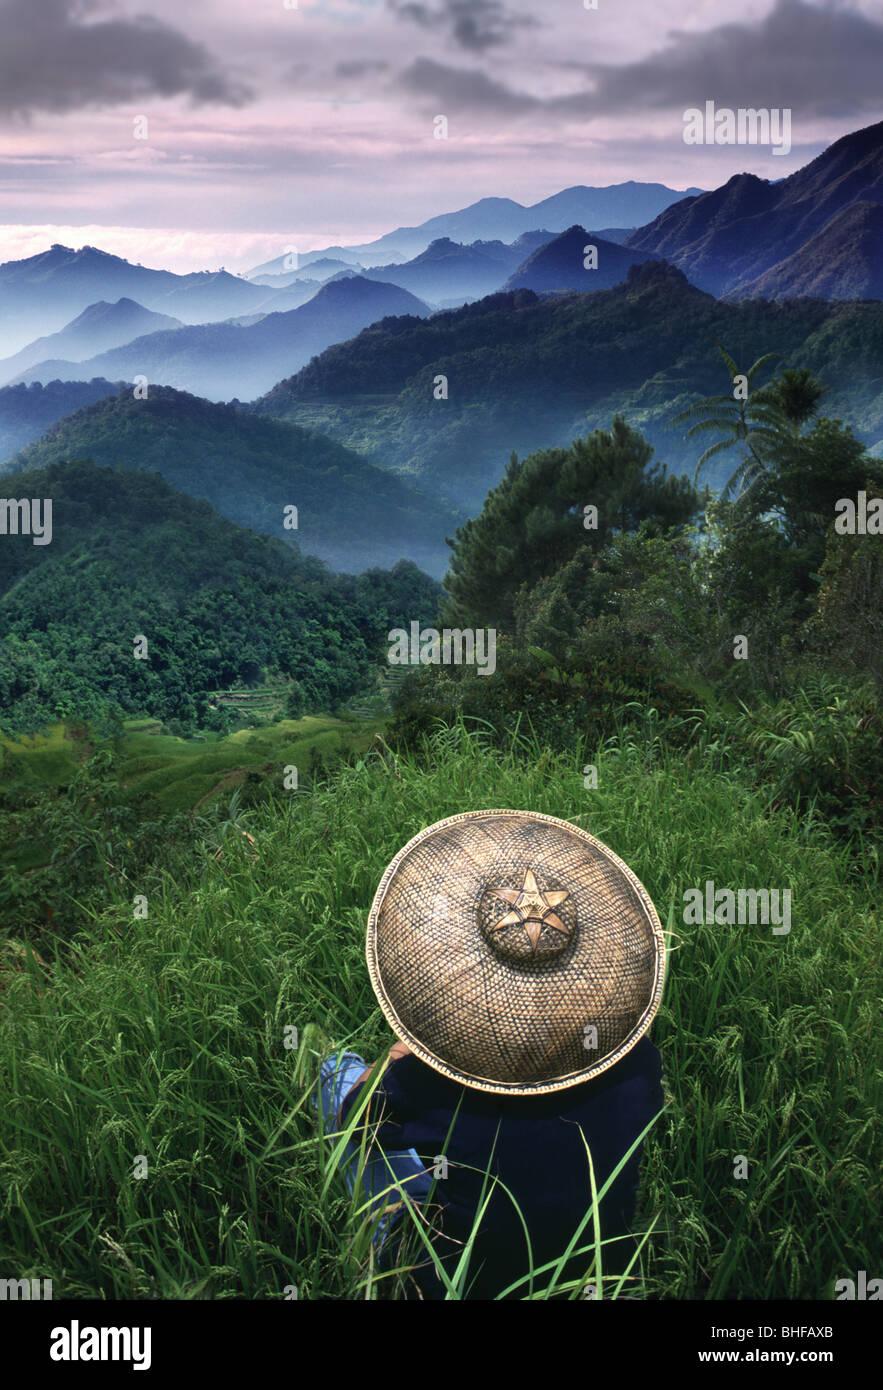 Reisbauer mit Blick auf die Berge, Sagada, Kordilleren Berge, Mountain Province, Insel Luzon. Philippinen, Asien Stockbild